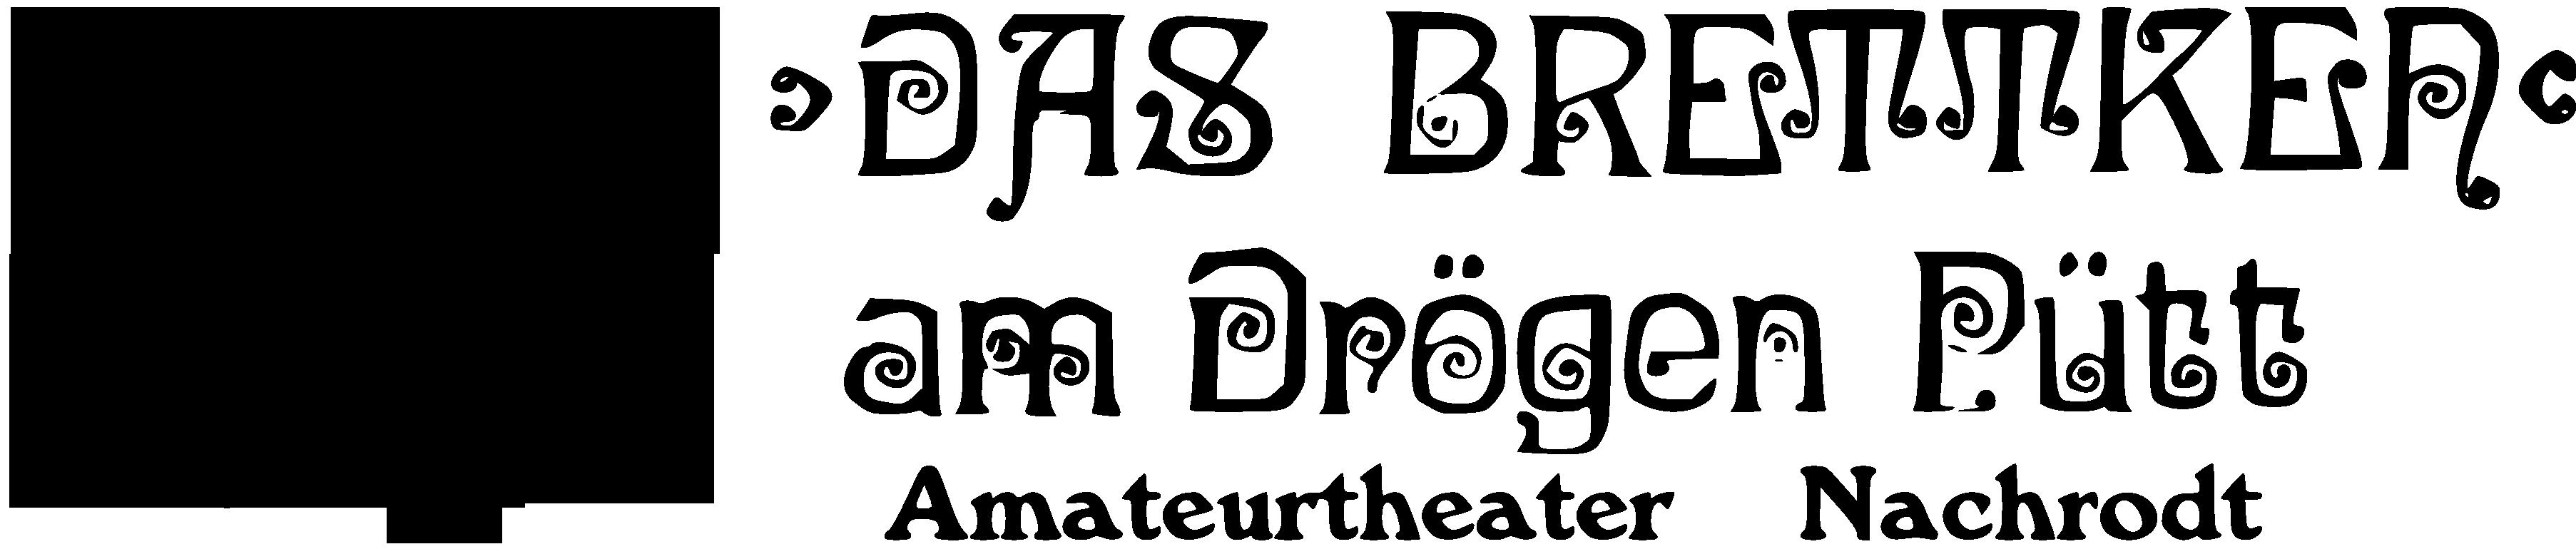 Das Brettken am Drögen Pütt